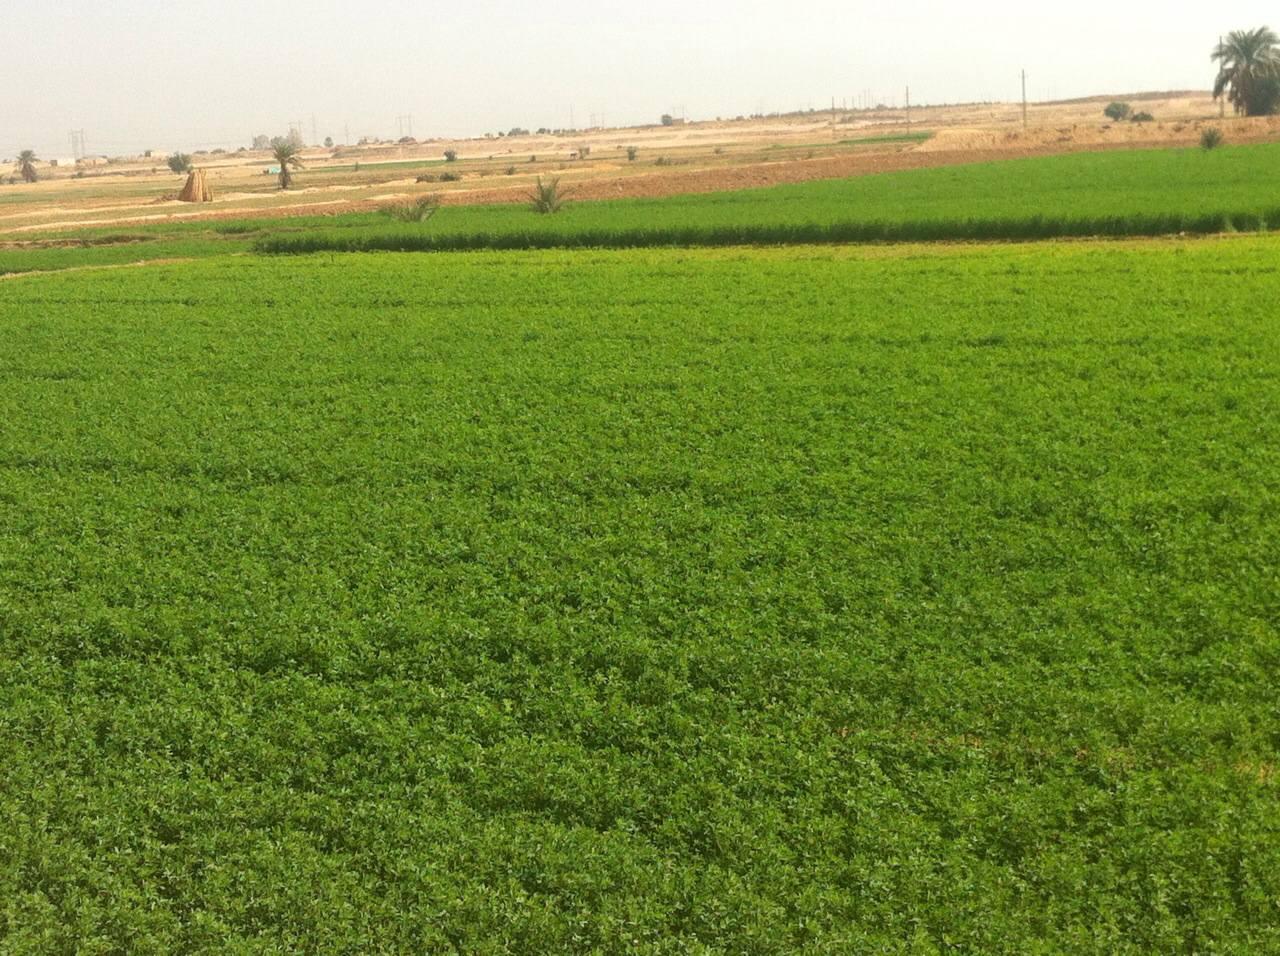 وبعد الأرض ما طرحت خير.. الحكومة تقرر تحويل أراضي زراعية مُستصلحة في قنا إلى «مقابر»